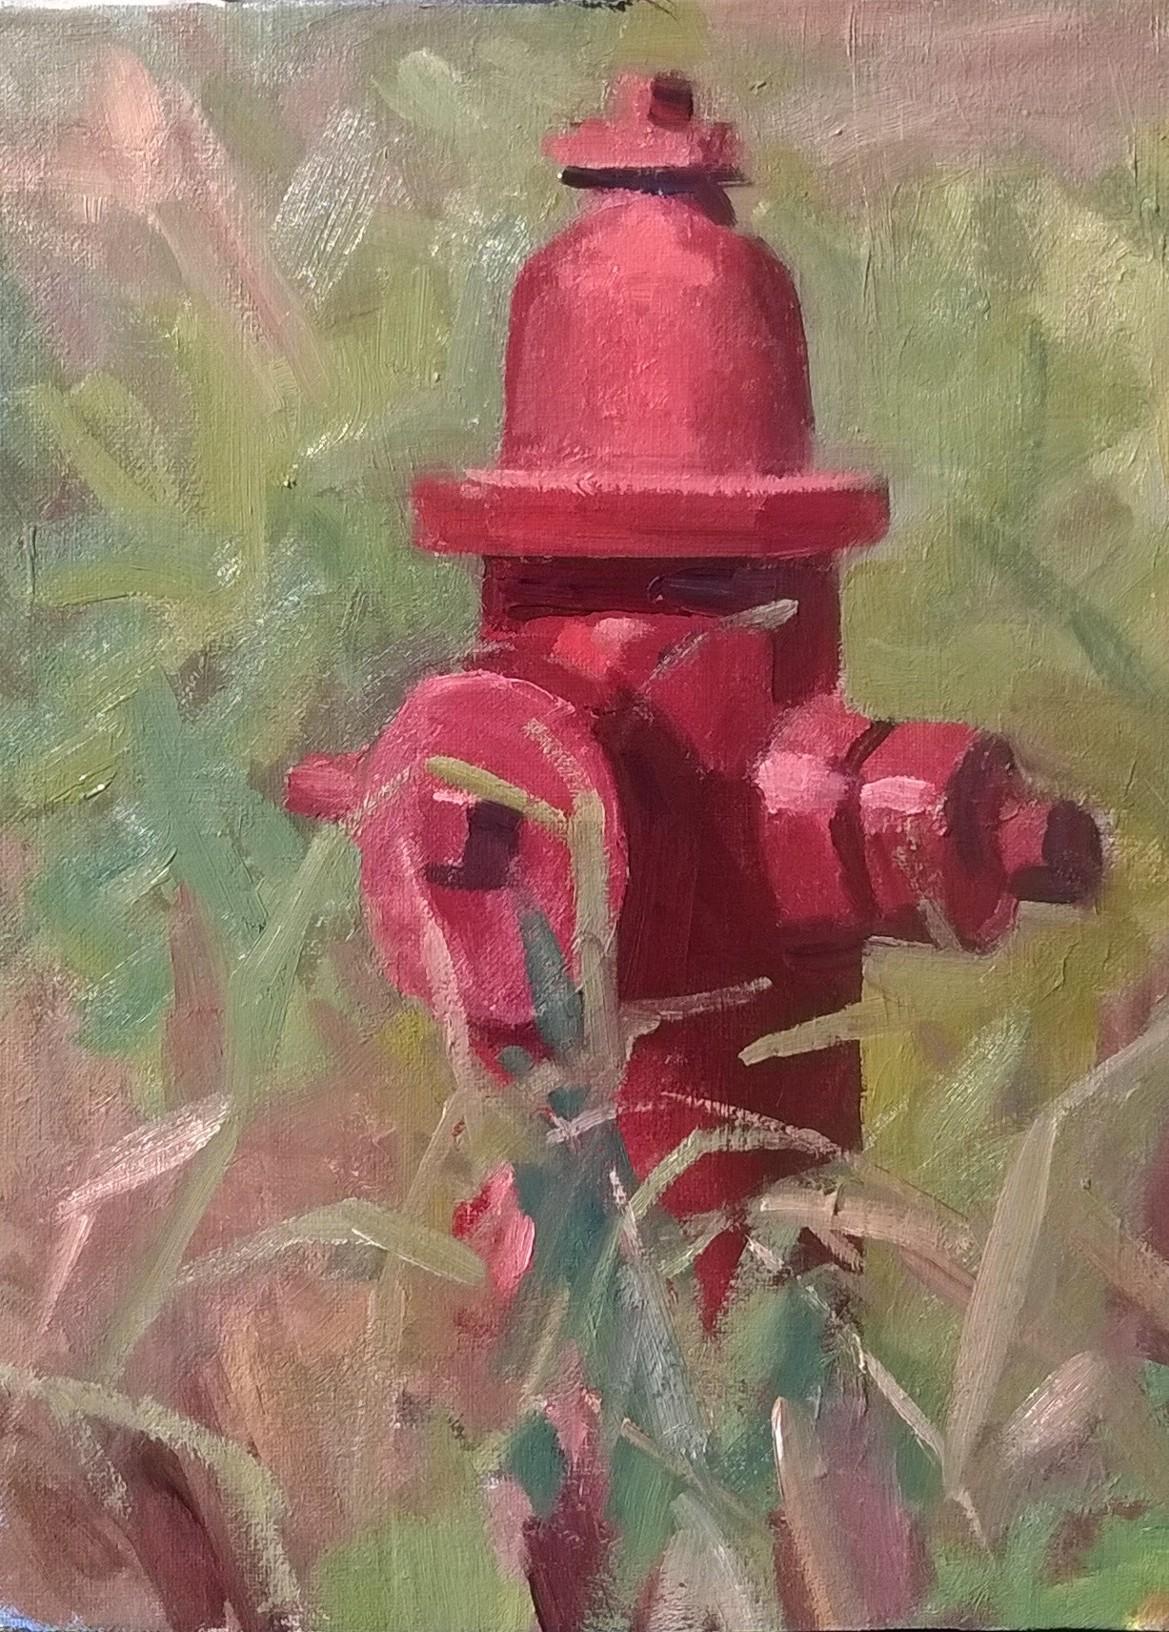 hydrant_day2.jpg